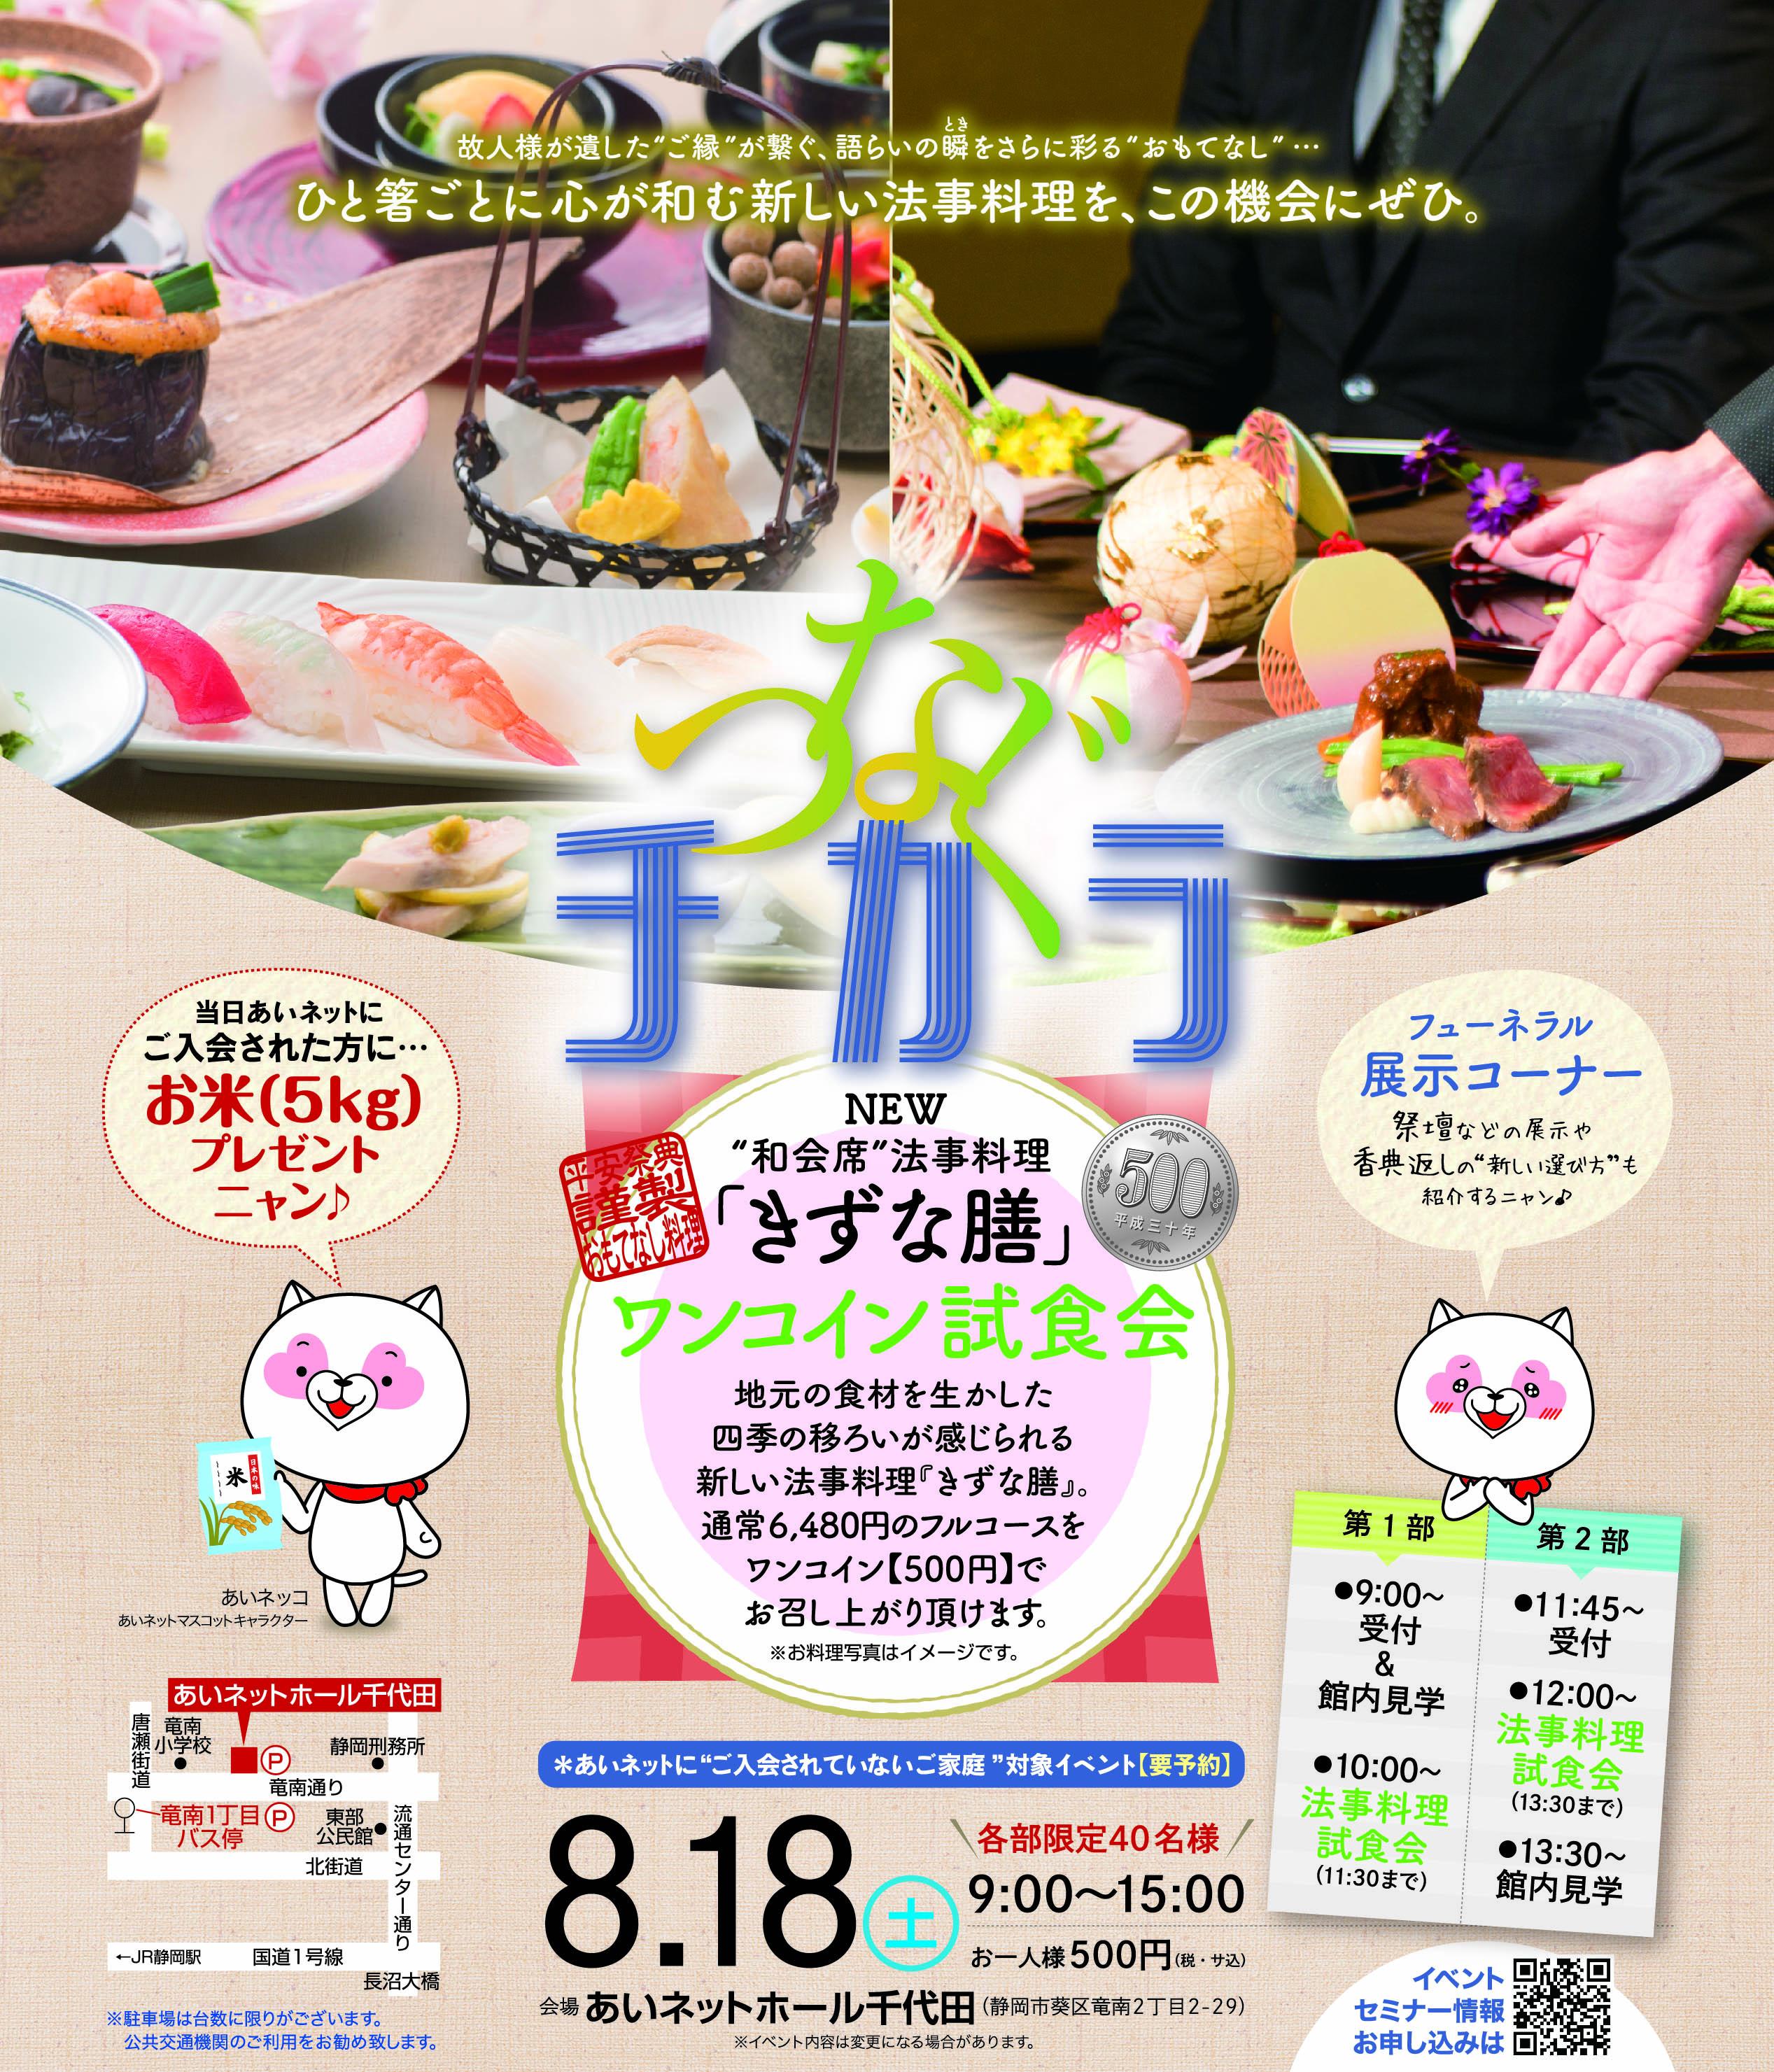 【イベントレポート】つなぐチカラ2018in千代田